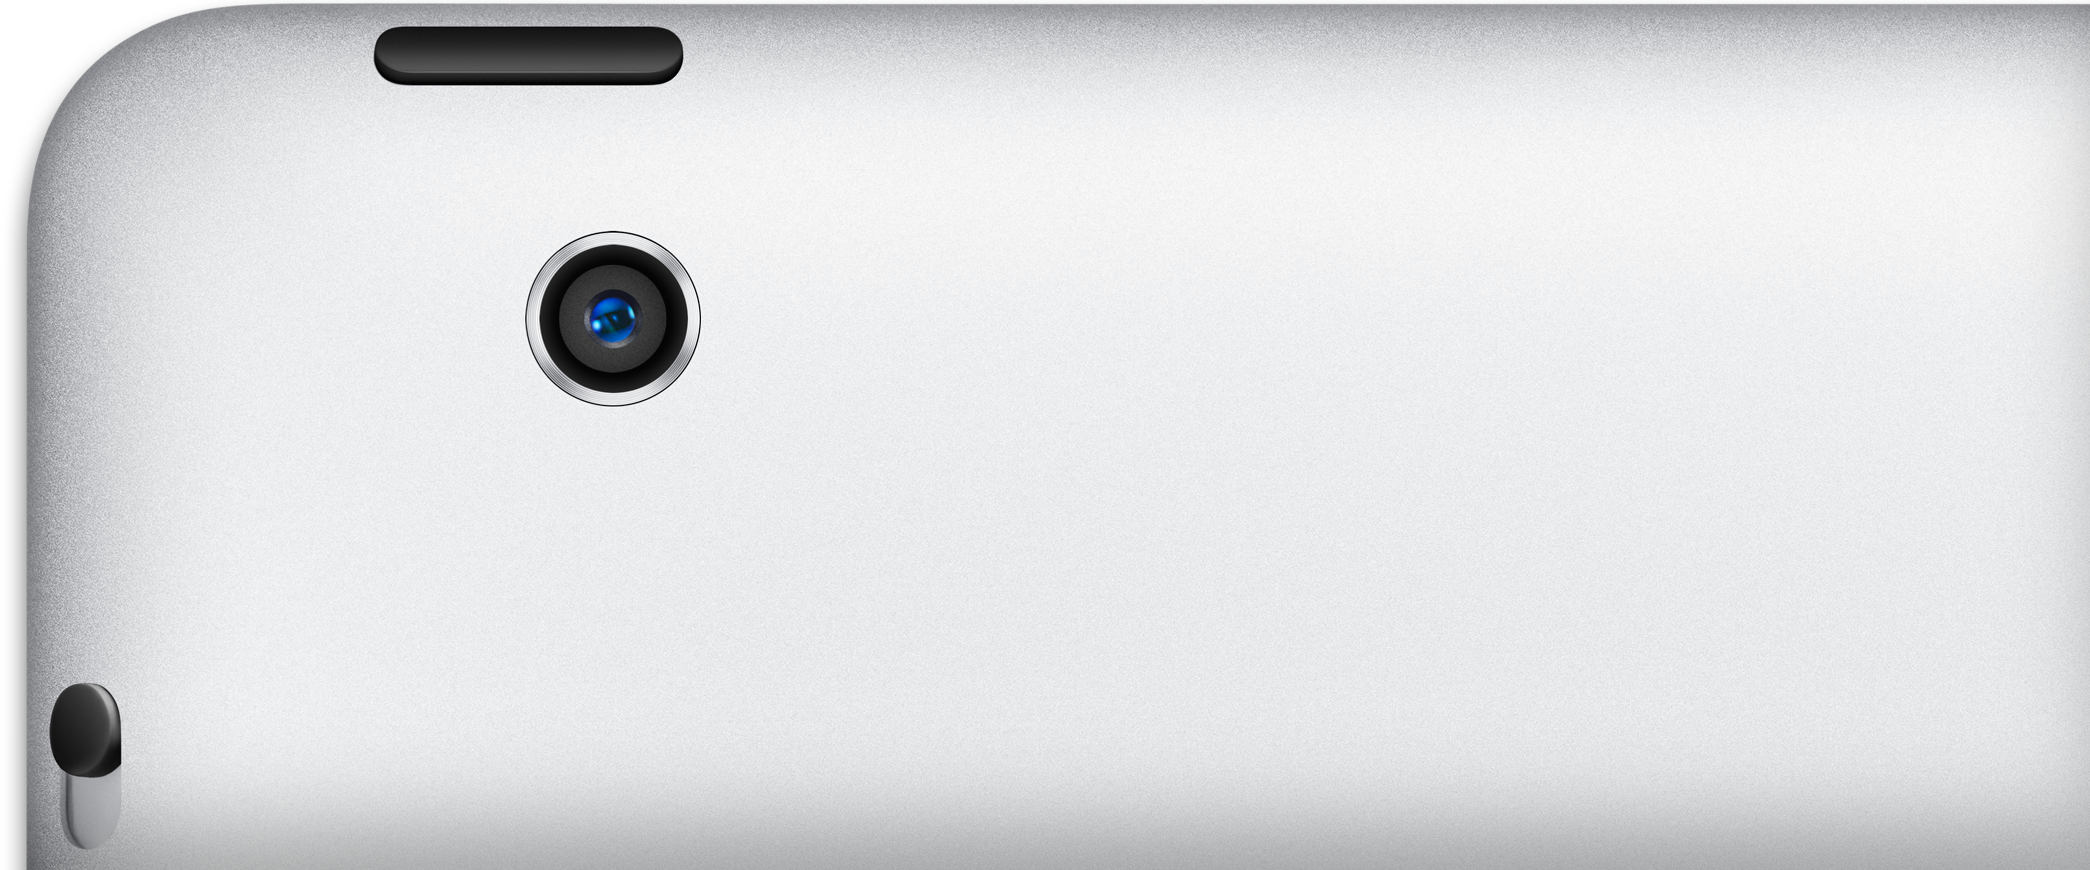 iPad-camera